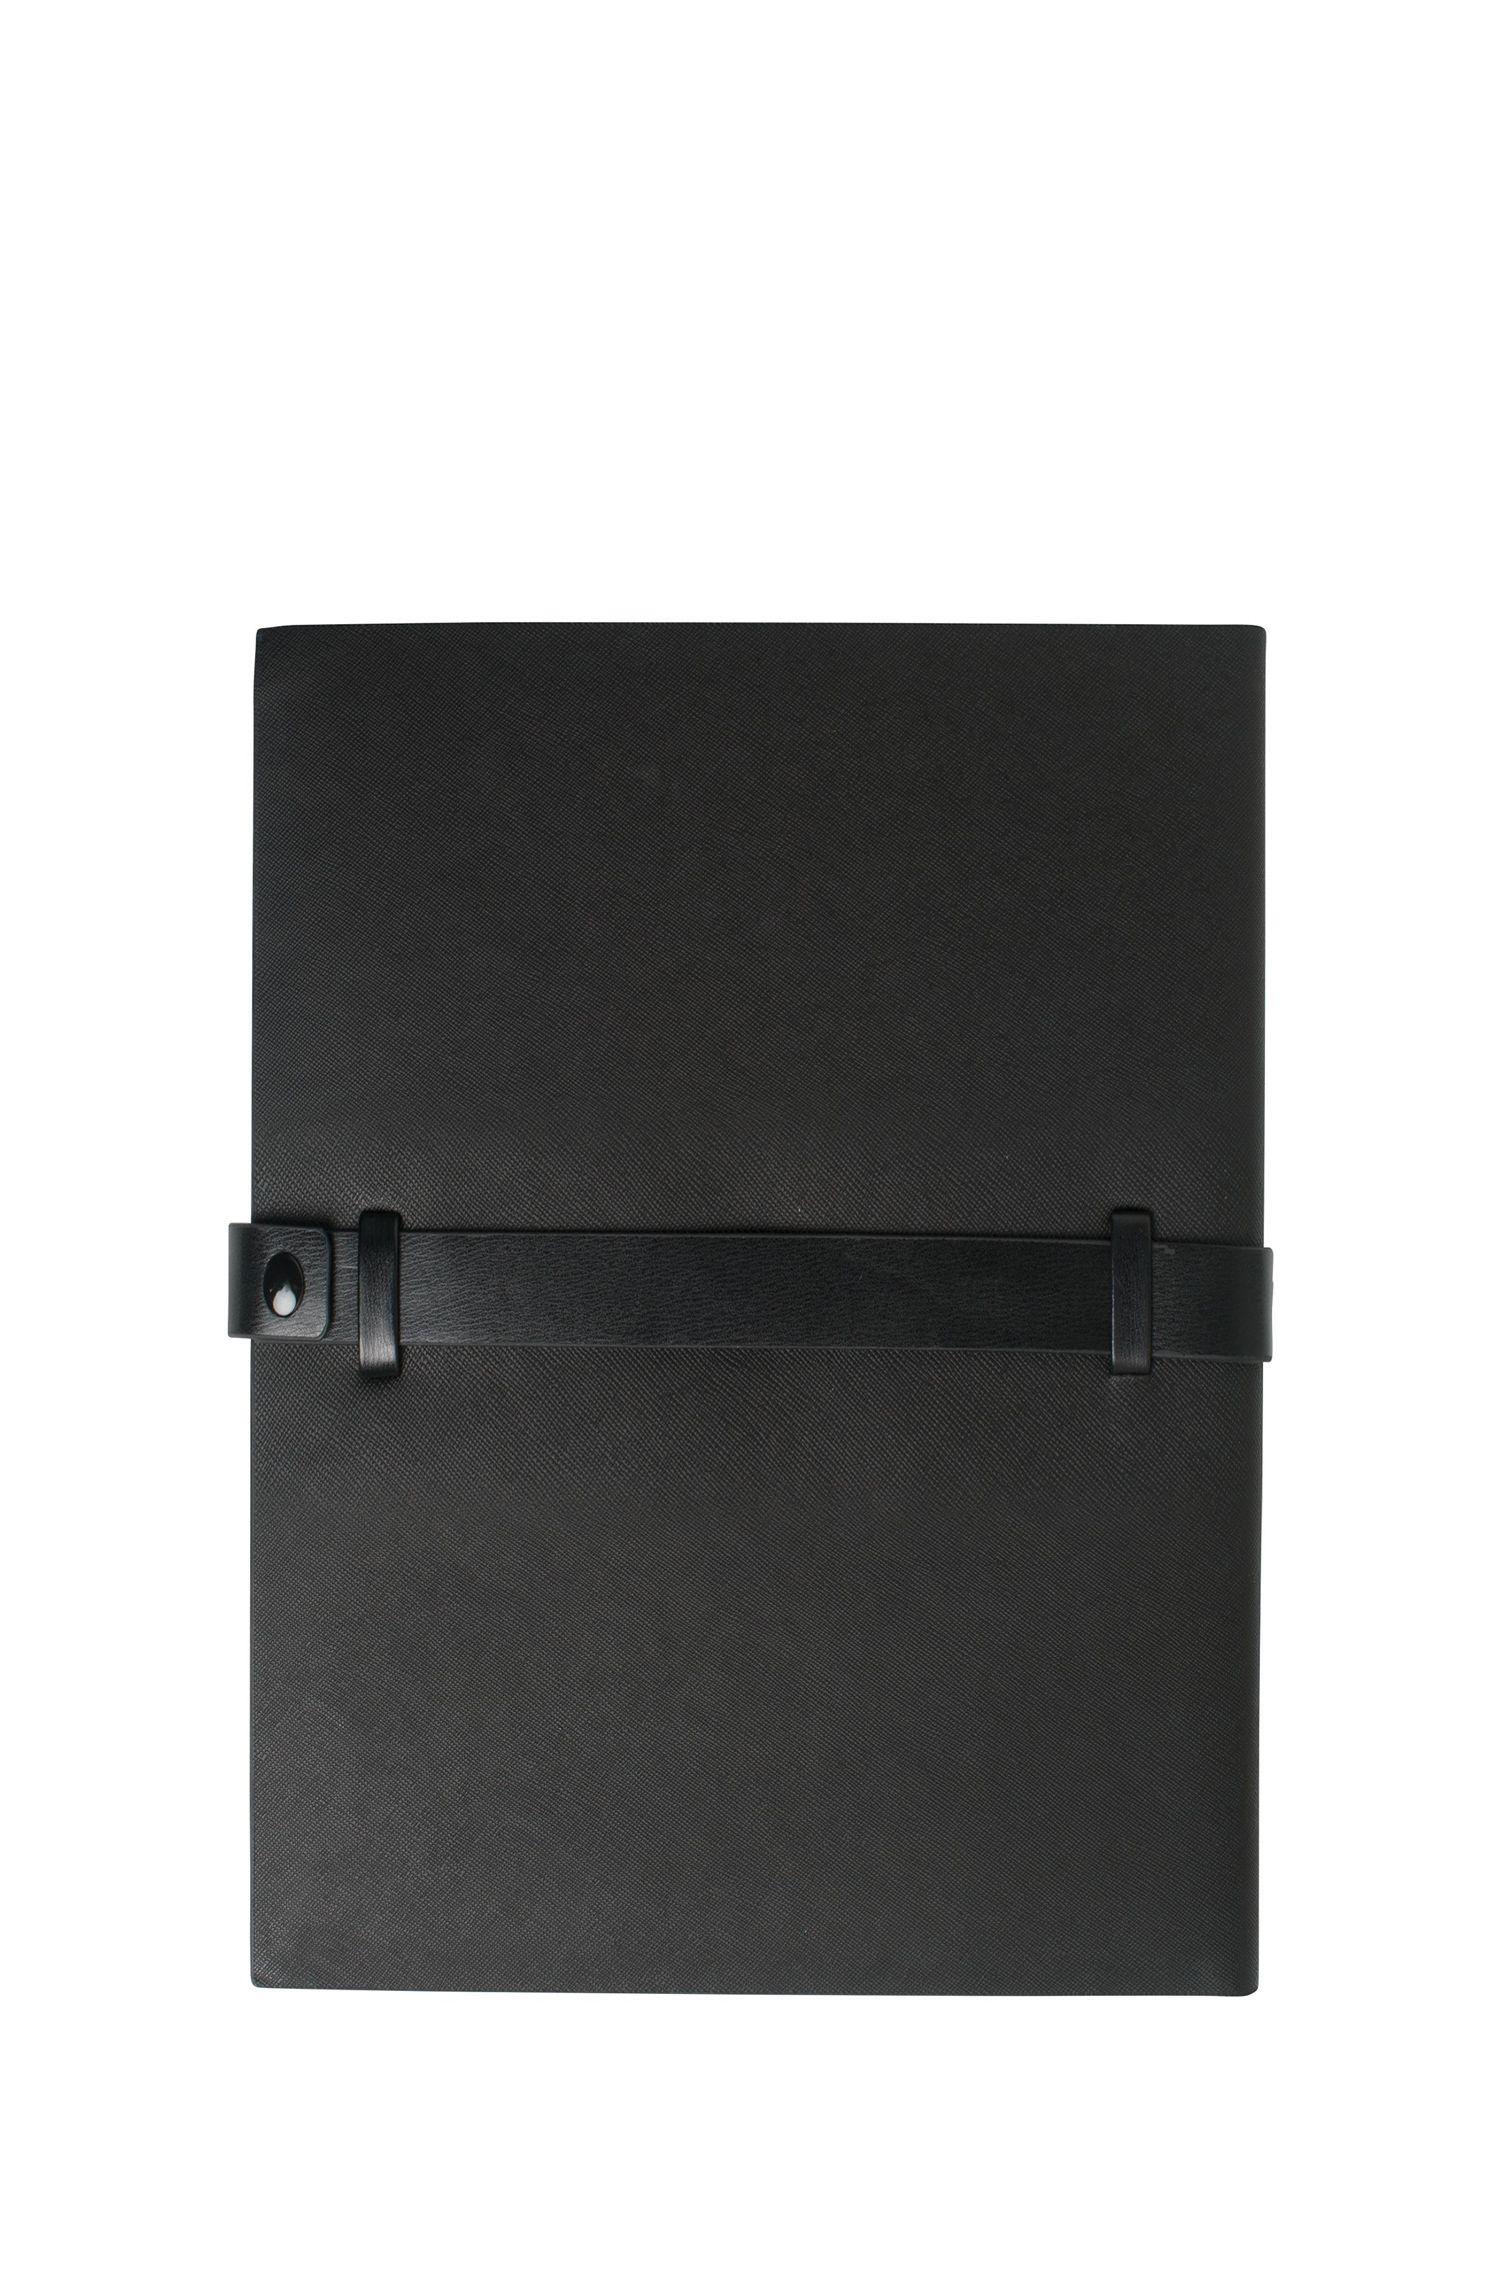 DIN A5 Mappe mit USB-Stick